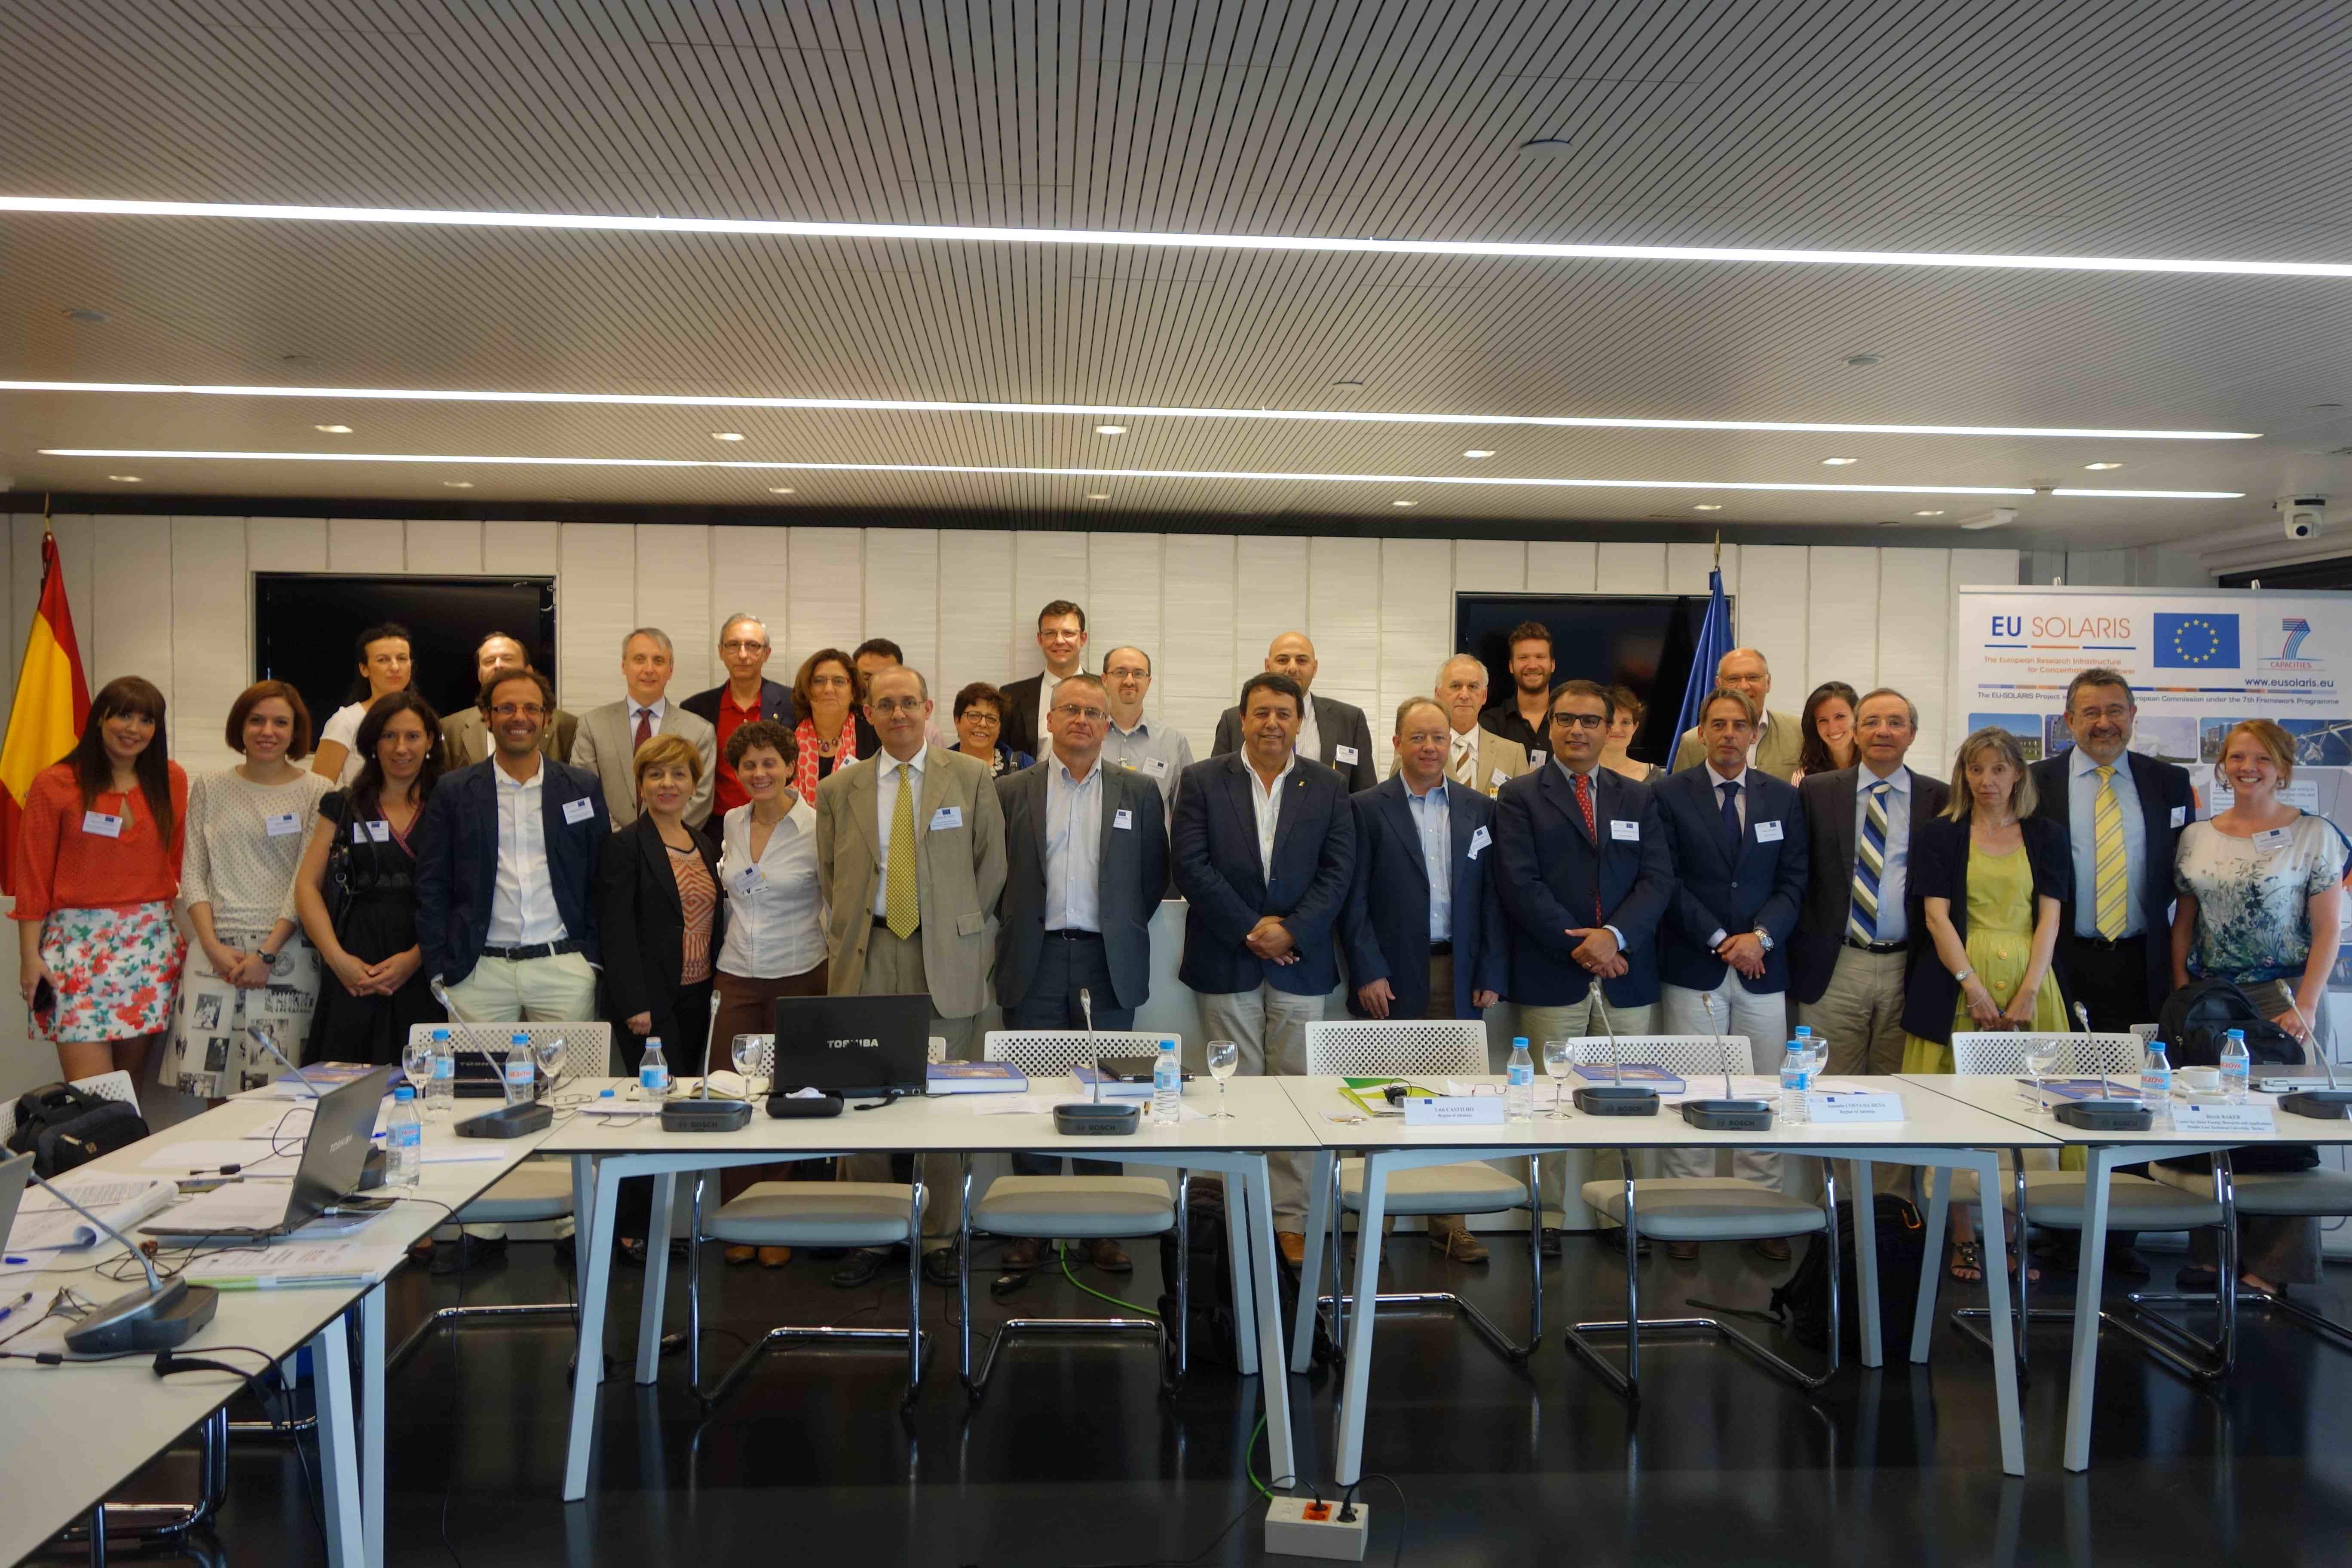 EU-SOLARIS busca modelos de financiación sostenible